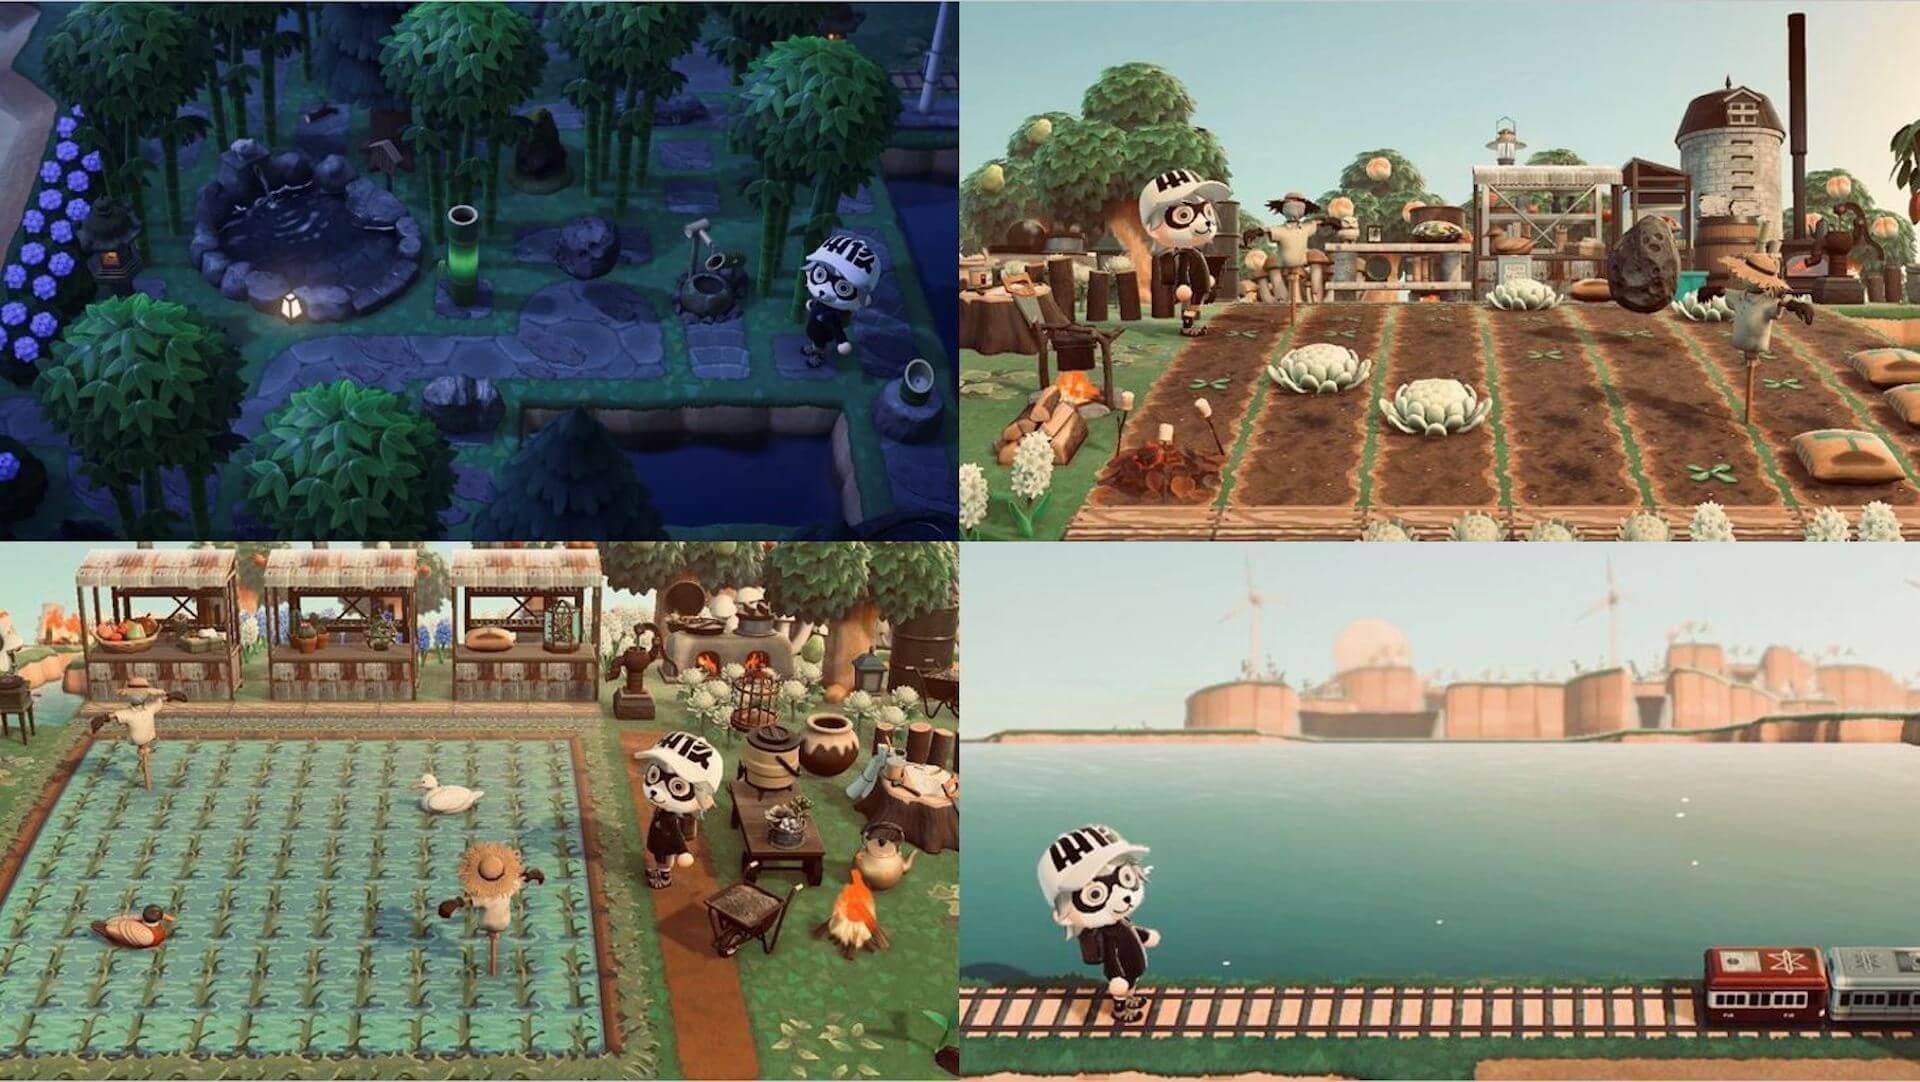 あつ森のユニーク島が勢ぞろい!GameWithによる『あつまれどうぶつの森』のStayHome企画のコンテスト入賞者が発表 tech200602_animalcrossing_6